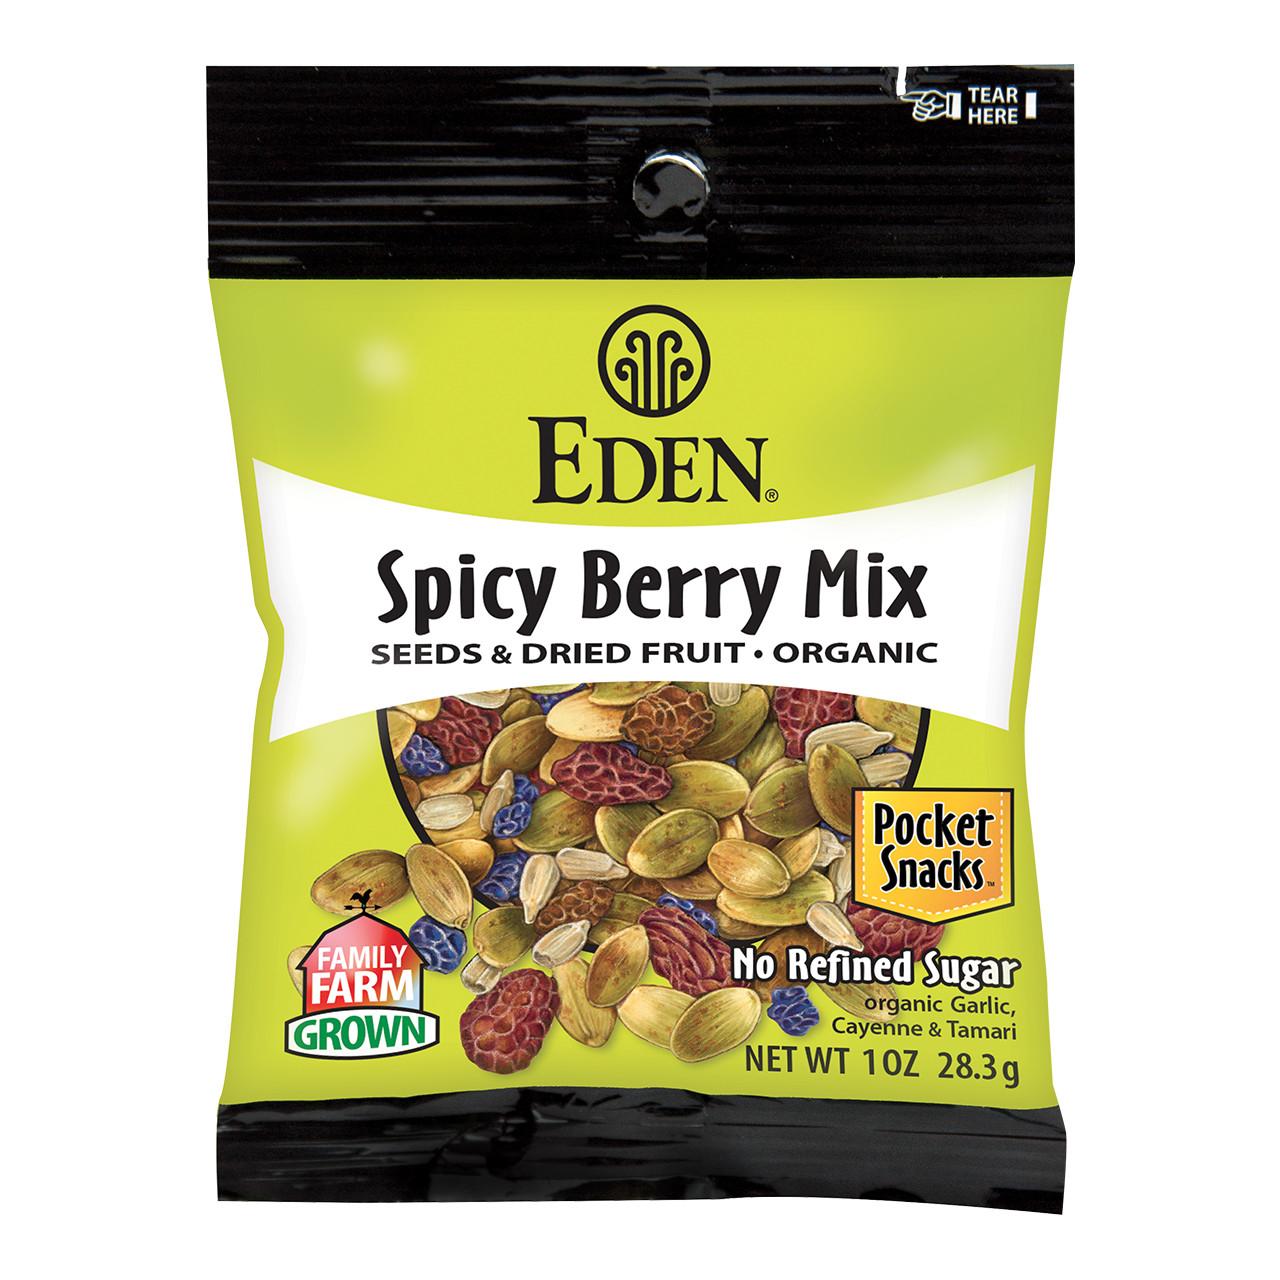 Spicy Berry Mix, Organic Pocket Snacks - 1 oz